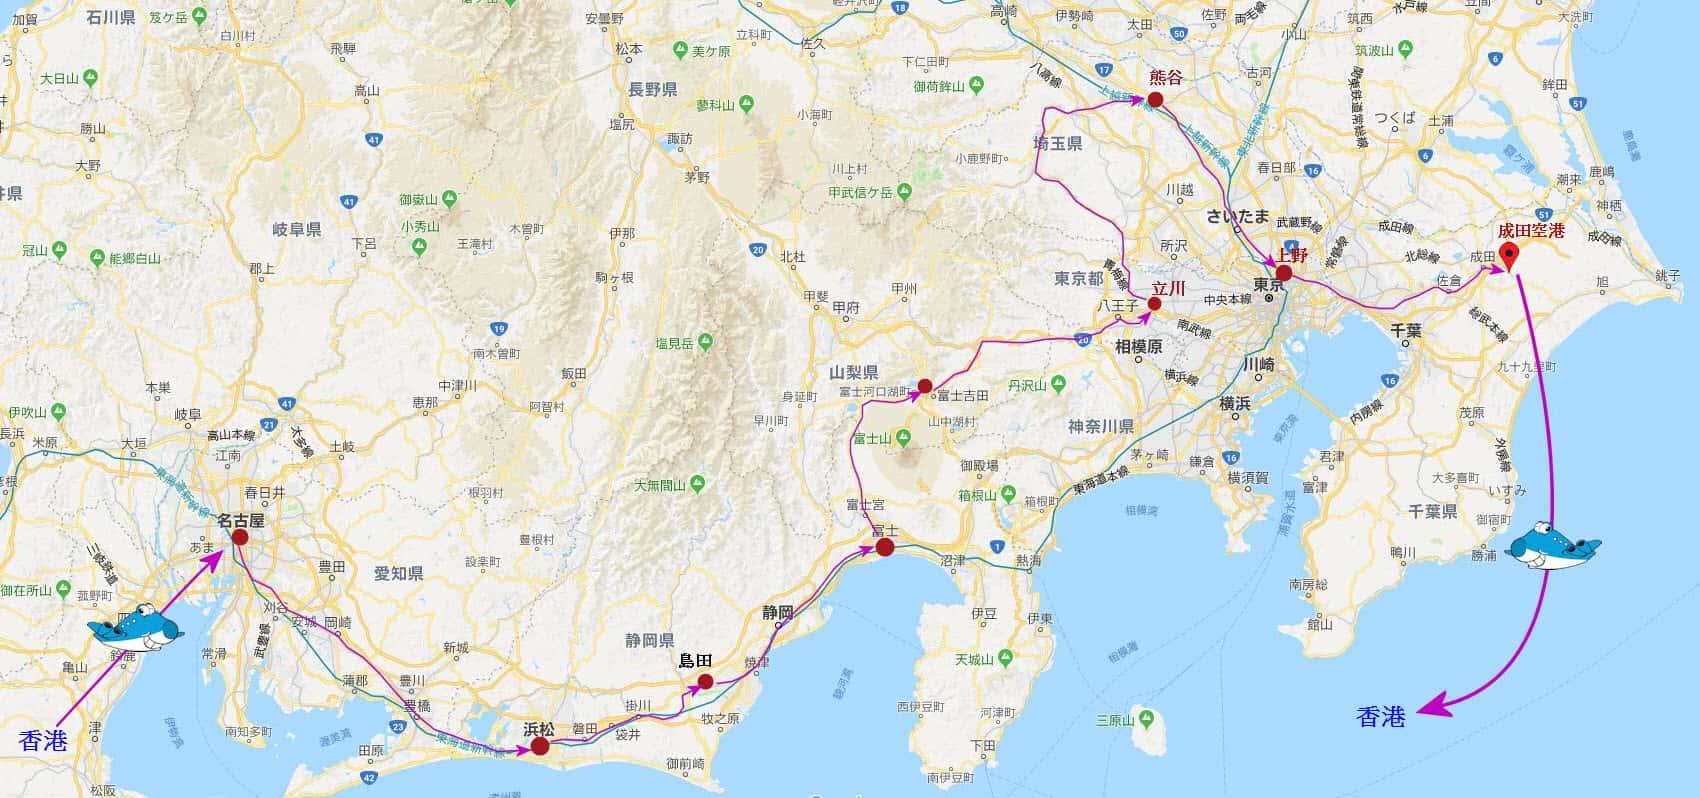 日本中部、關東地方自助旅遊路線圖